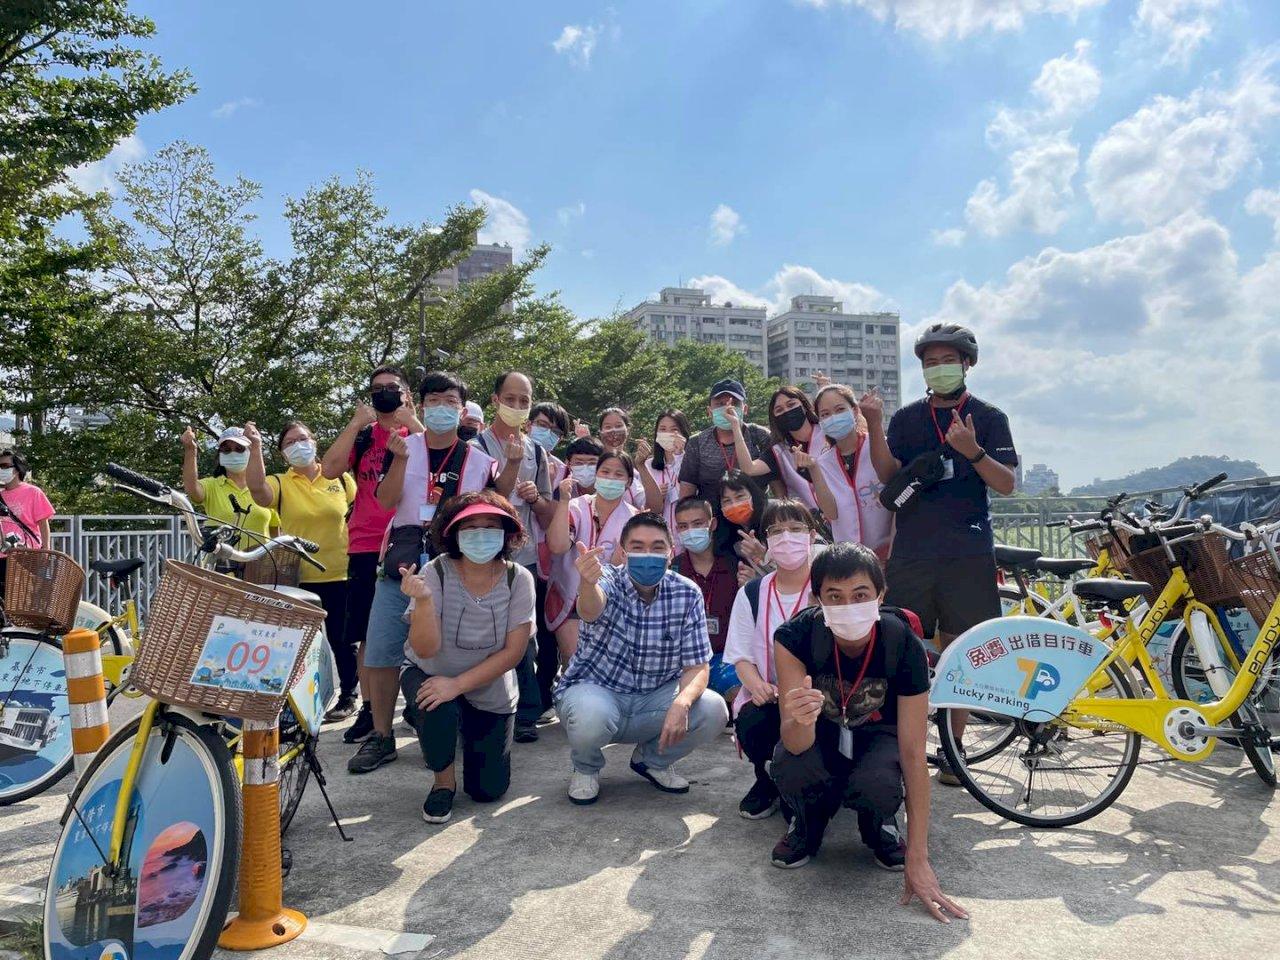 謝國樑宣布參選市長 打造基隆成亞洲最有愛城市